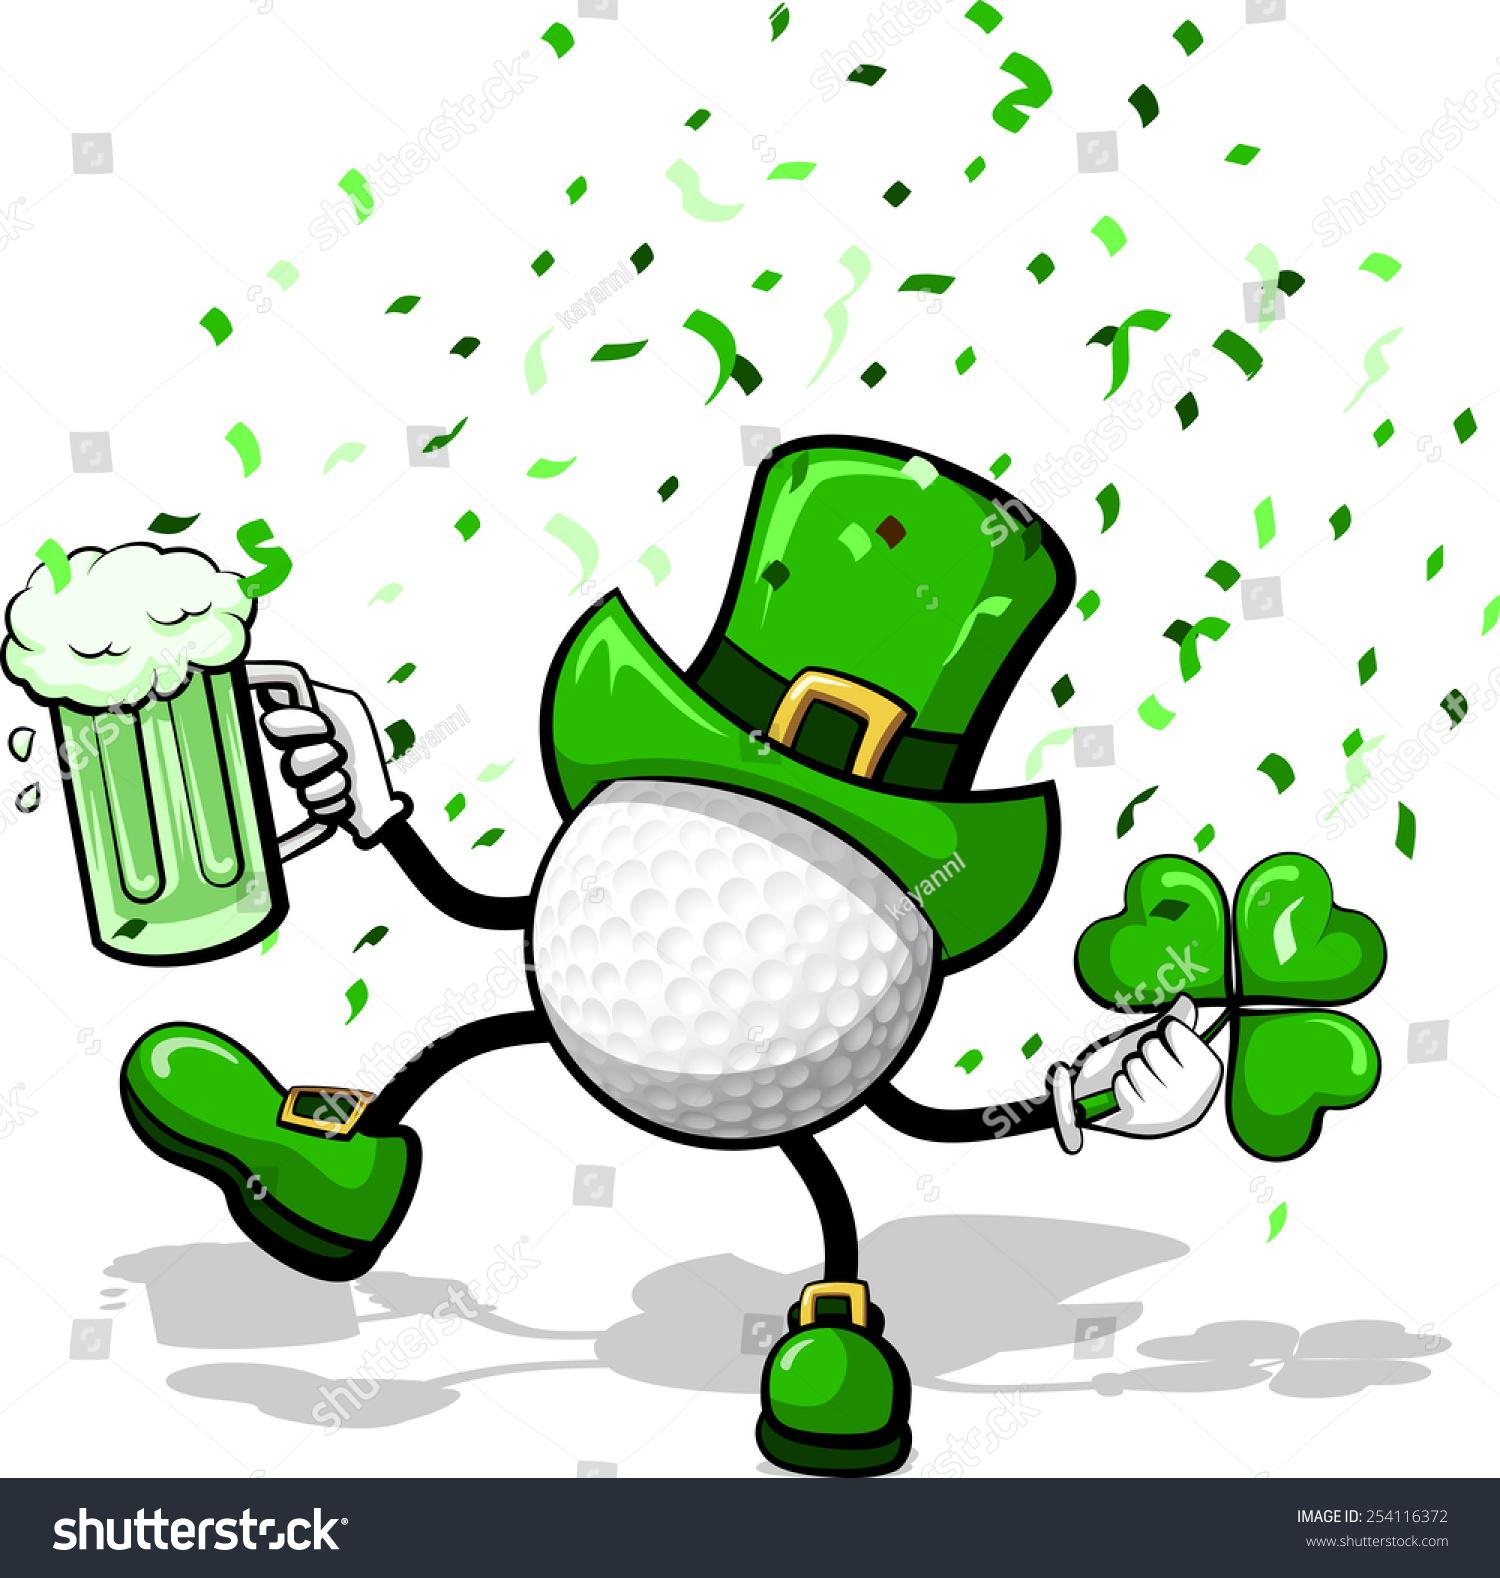 Image result for leprechaun golfing